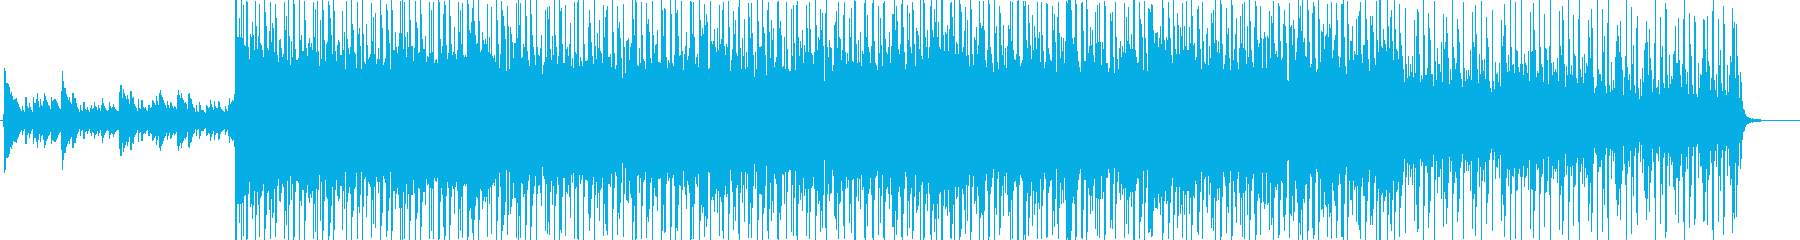 物語のエンディング向けピアノインストの再生済みの波形